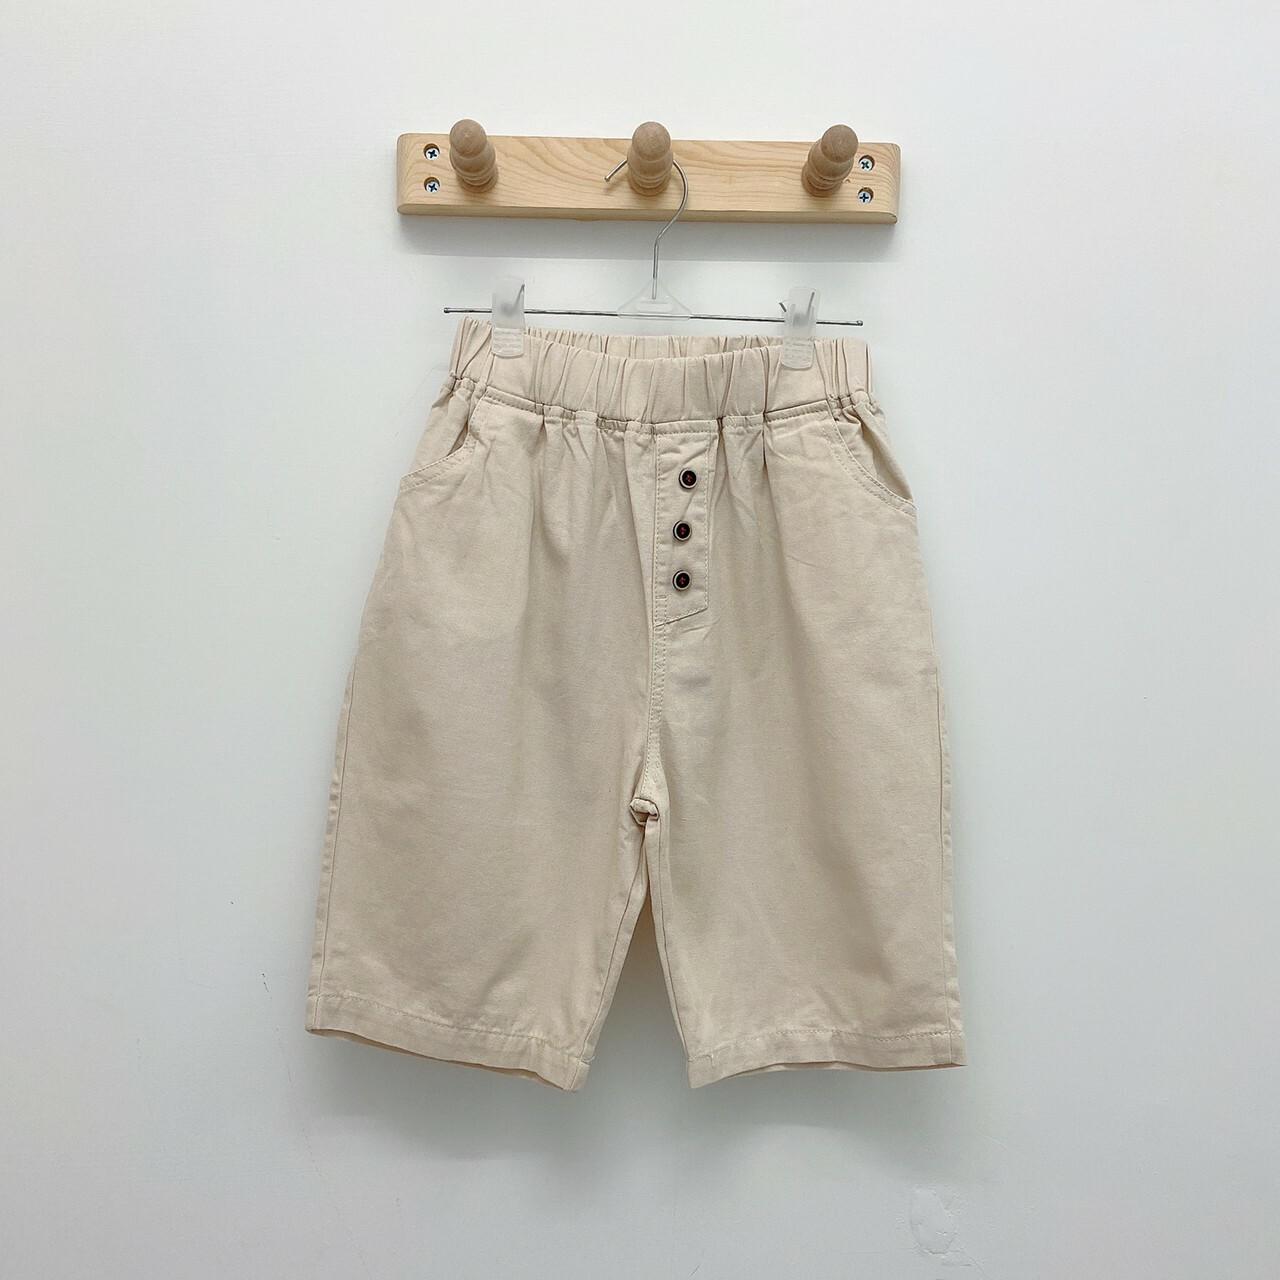 褲裙短 五~七分褲_210803_32.jpg